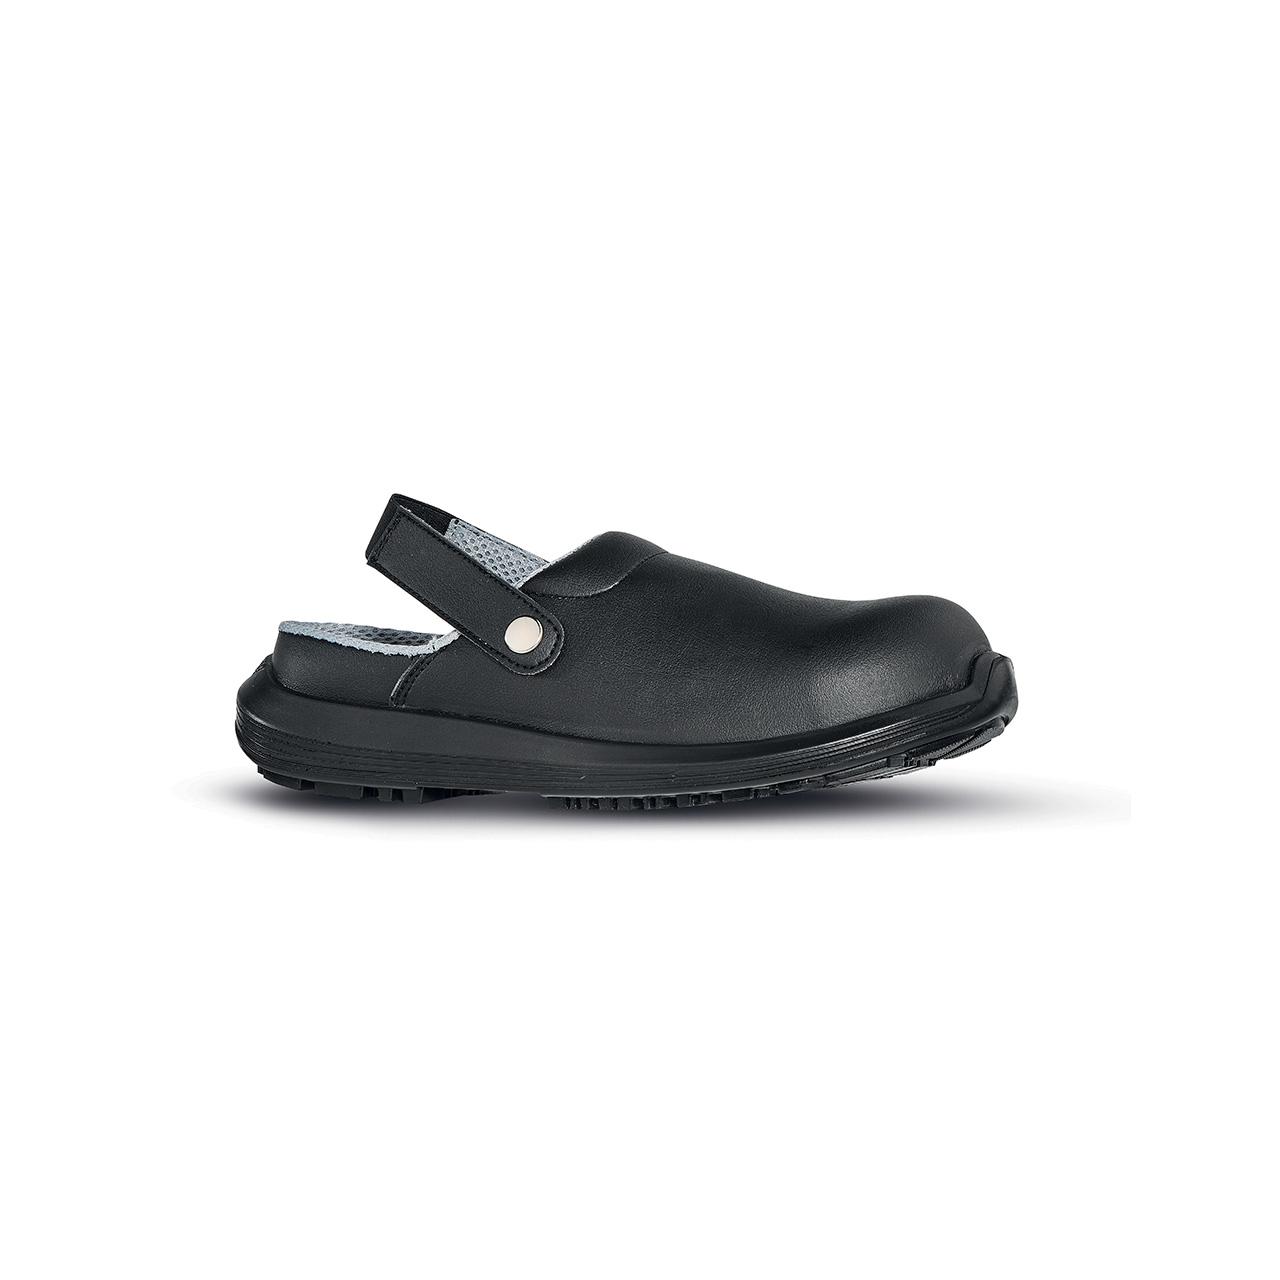 scarpa antinfortunistica upower modello super linea black68_white vista laterale